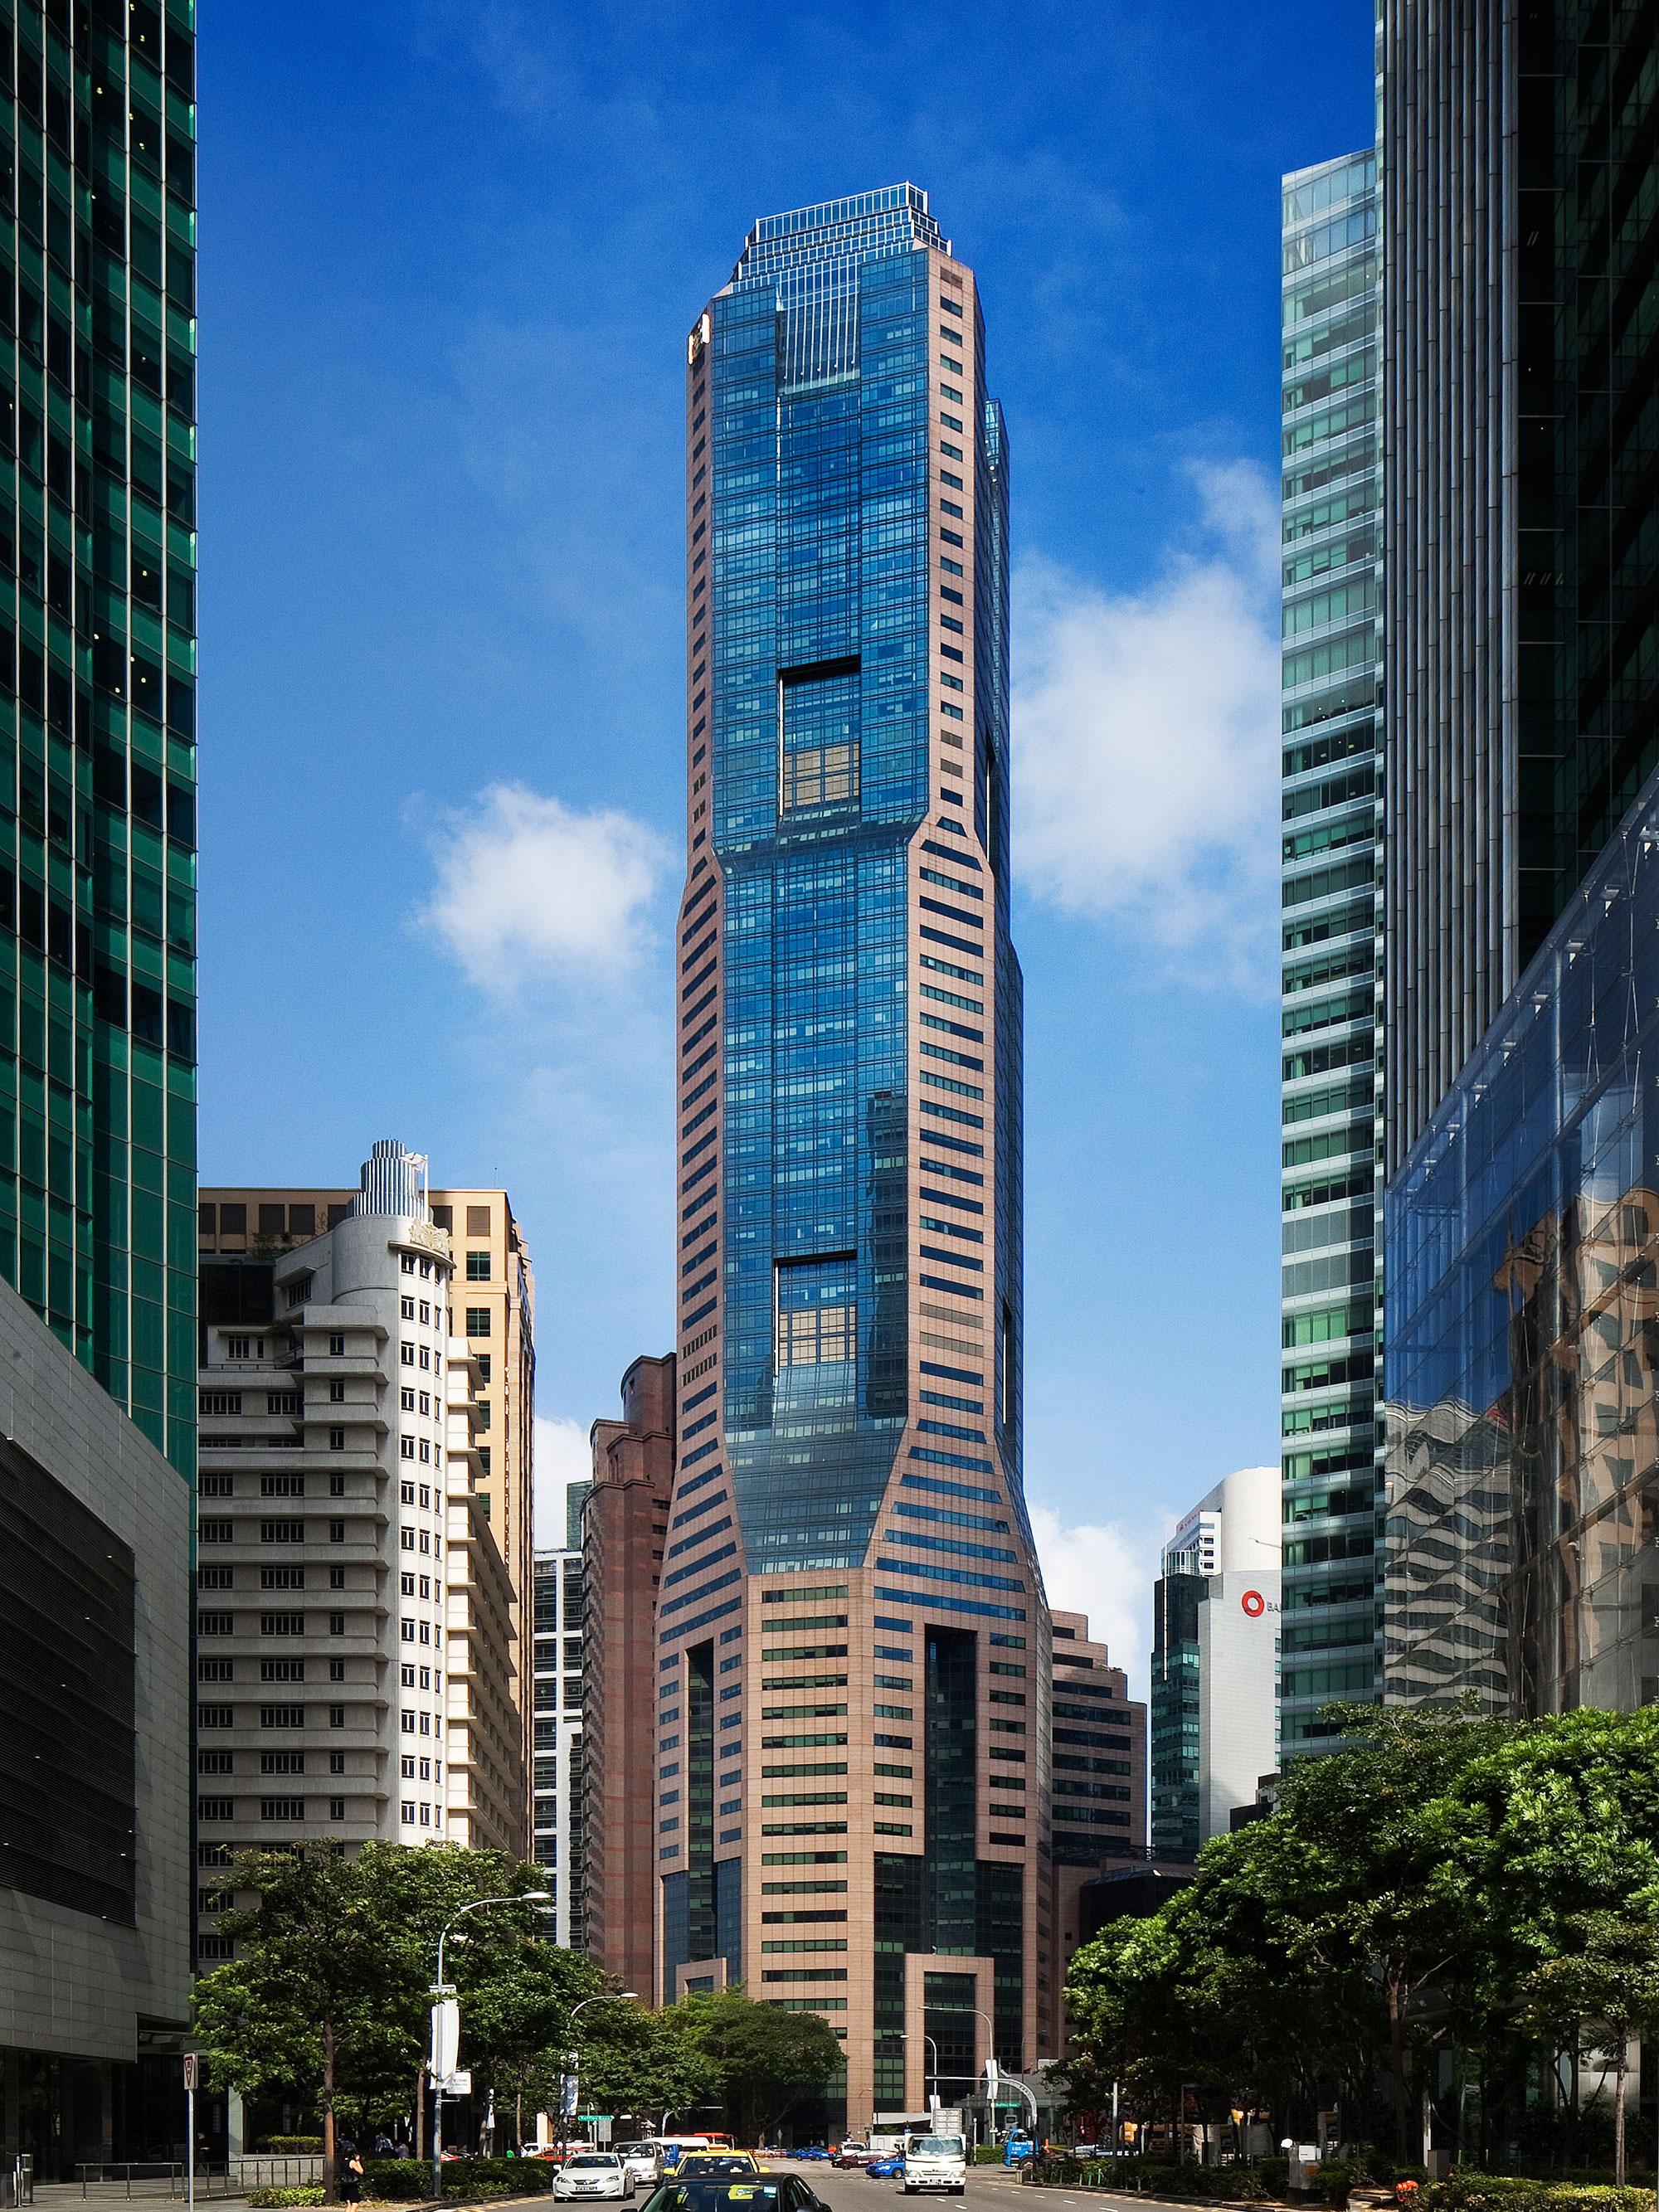 Republic-Plaza Singapore's tallest skyscraper in the city-state